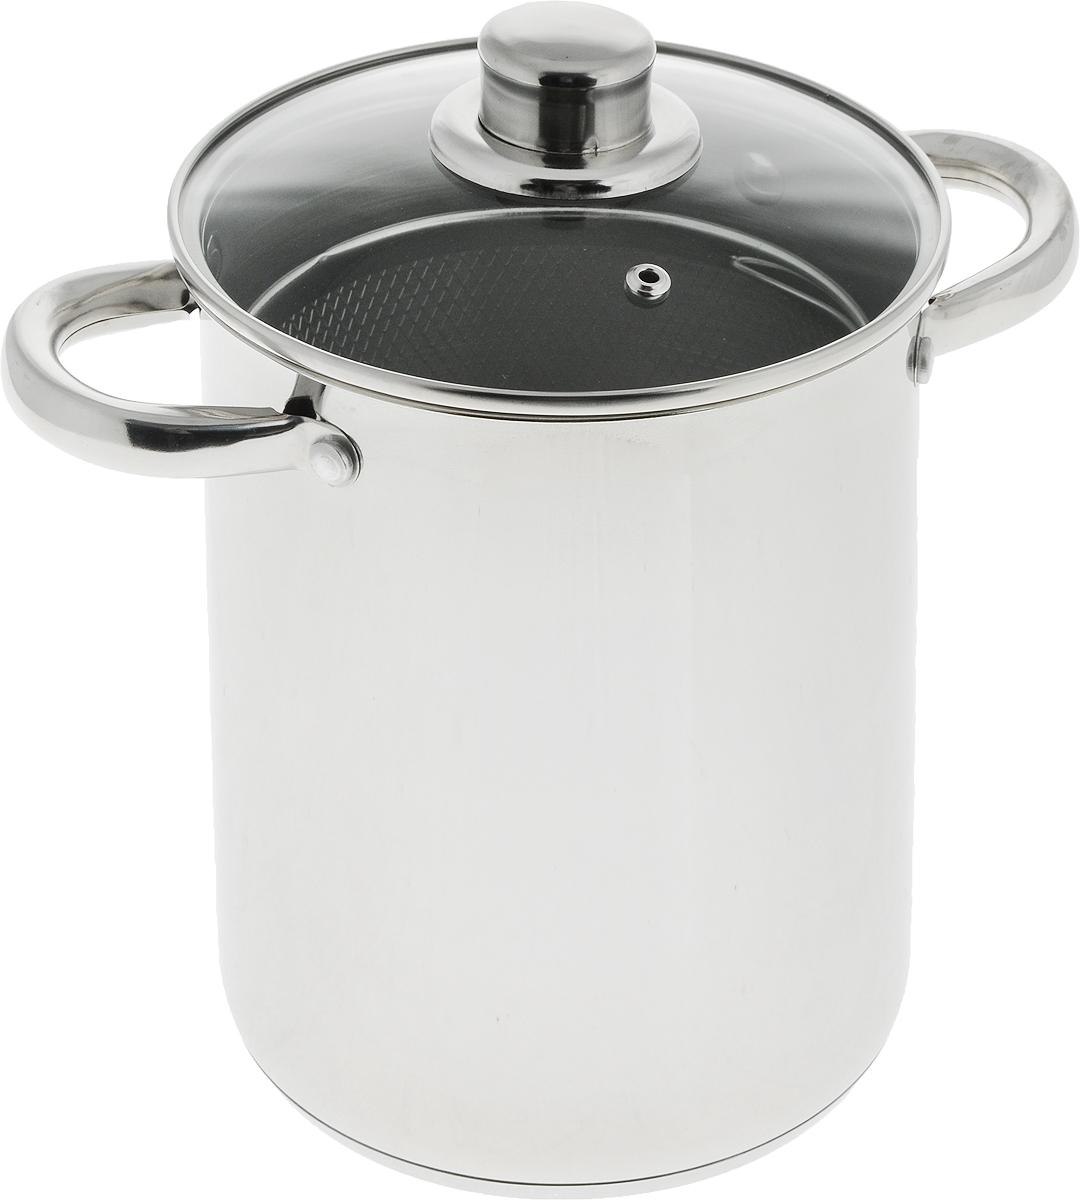 """Набор посуды """"Travola"""" для приготовления спаржи, спагетти, овощей, 3 предмета"""